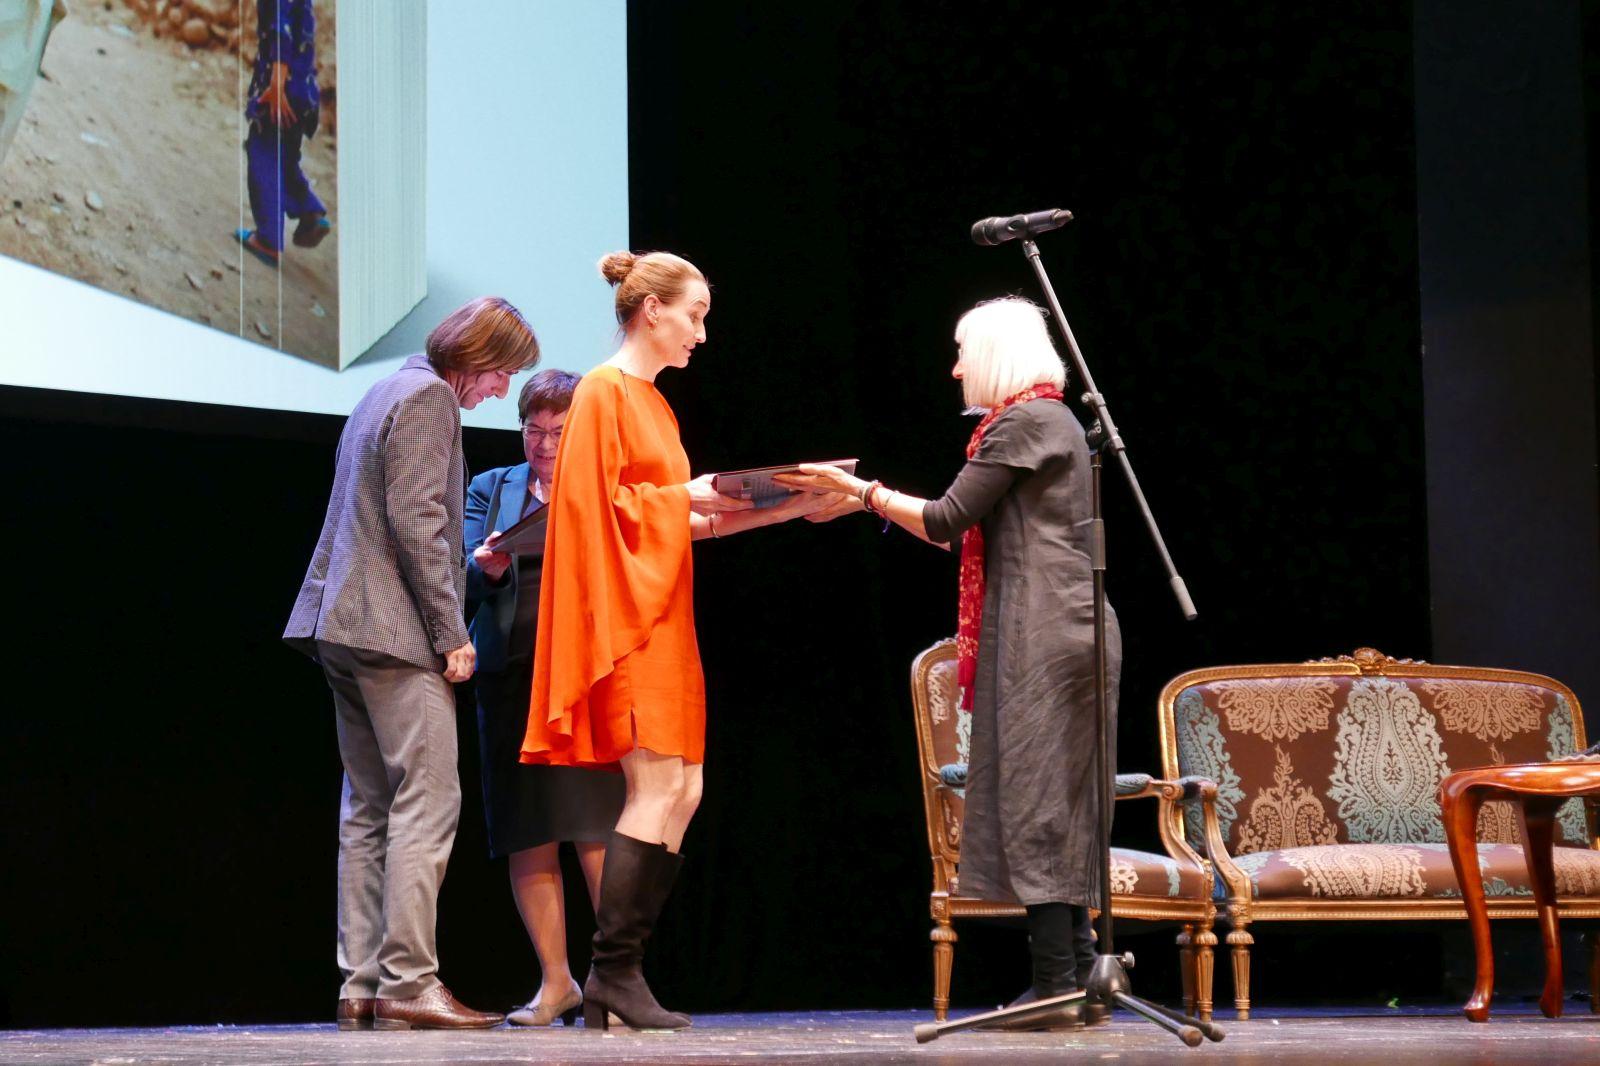 Jenny Nordberg, gala wręczenia Nagrody im. Ryszarda Kapuścińskiego